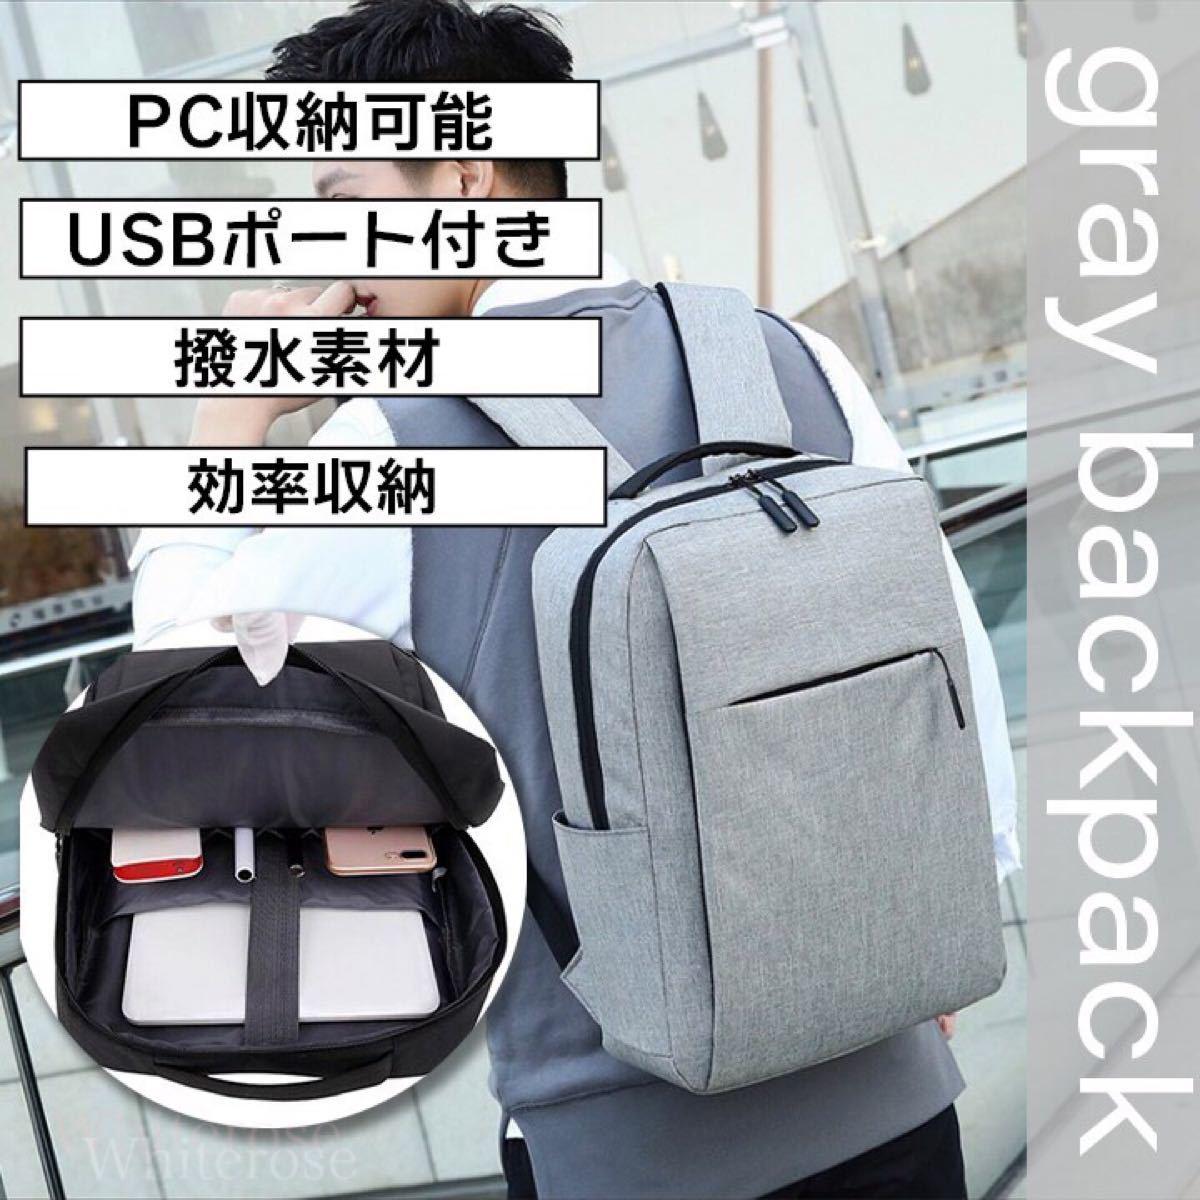 ビジネスバック リュック 大容量 メンズ USBバック PCカバン 通学  ビジネスリュック バックパック USBポート 盗難防止